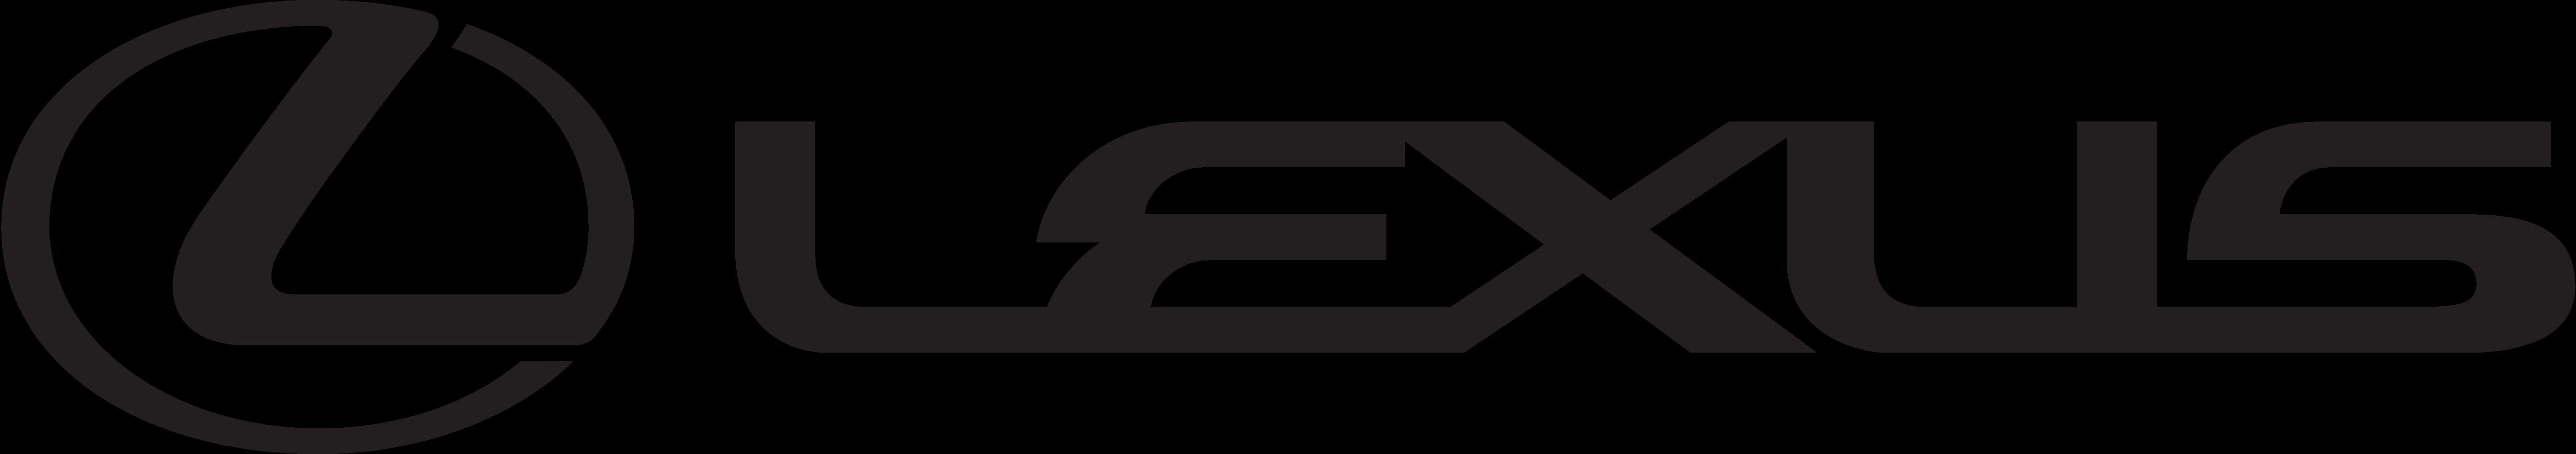 5000x882 Lexus Logos Download